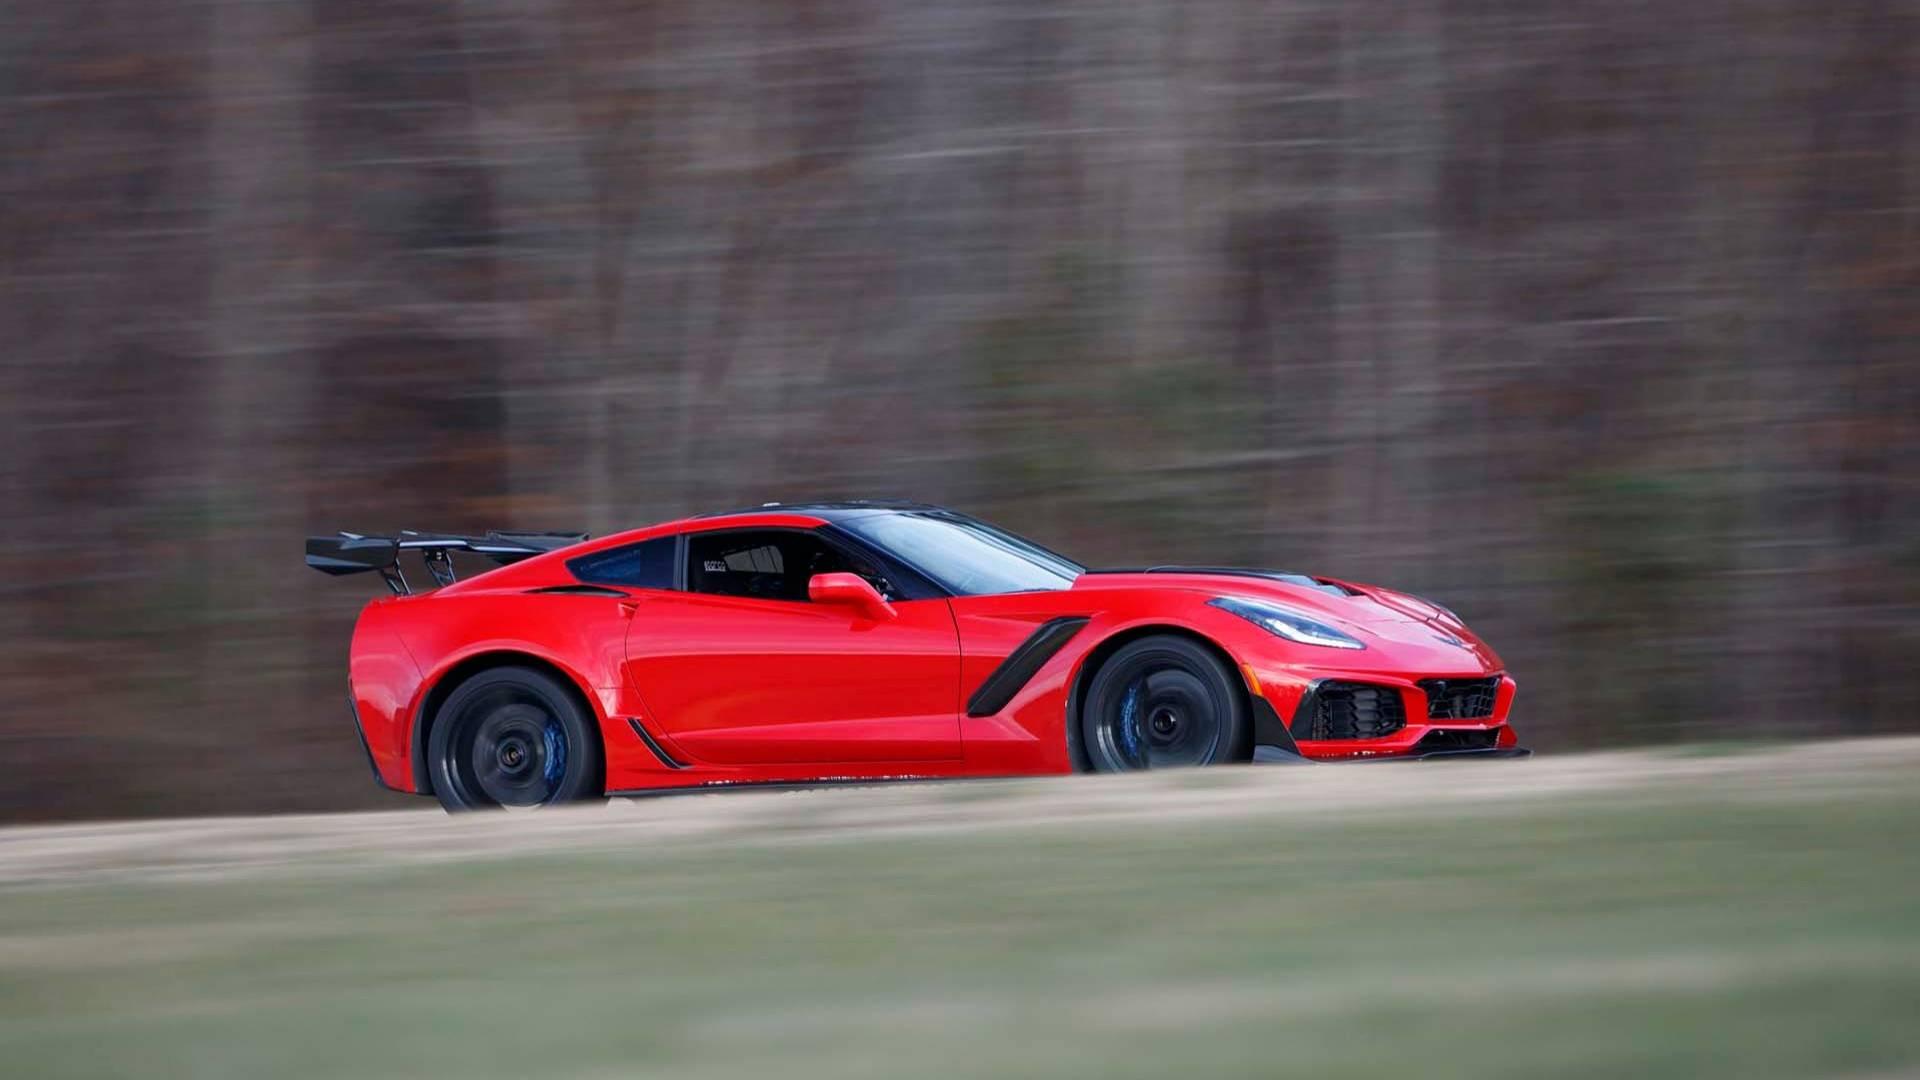 Шевроле Corvette ZR1 способен удивить даже опытных владельцев автомобилей